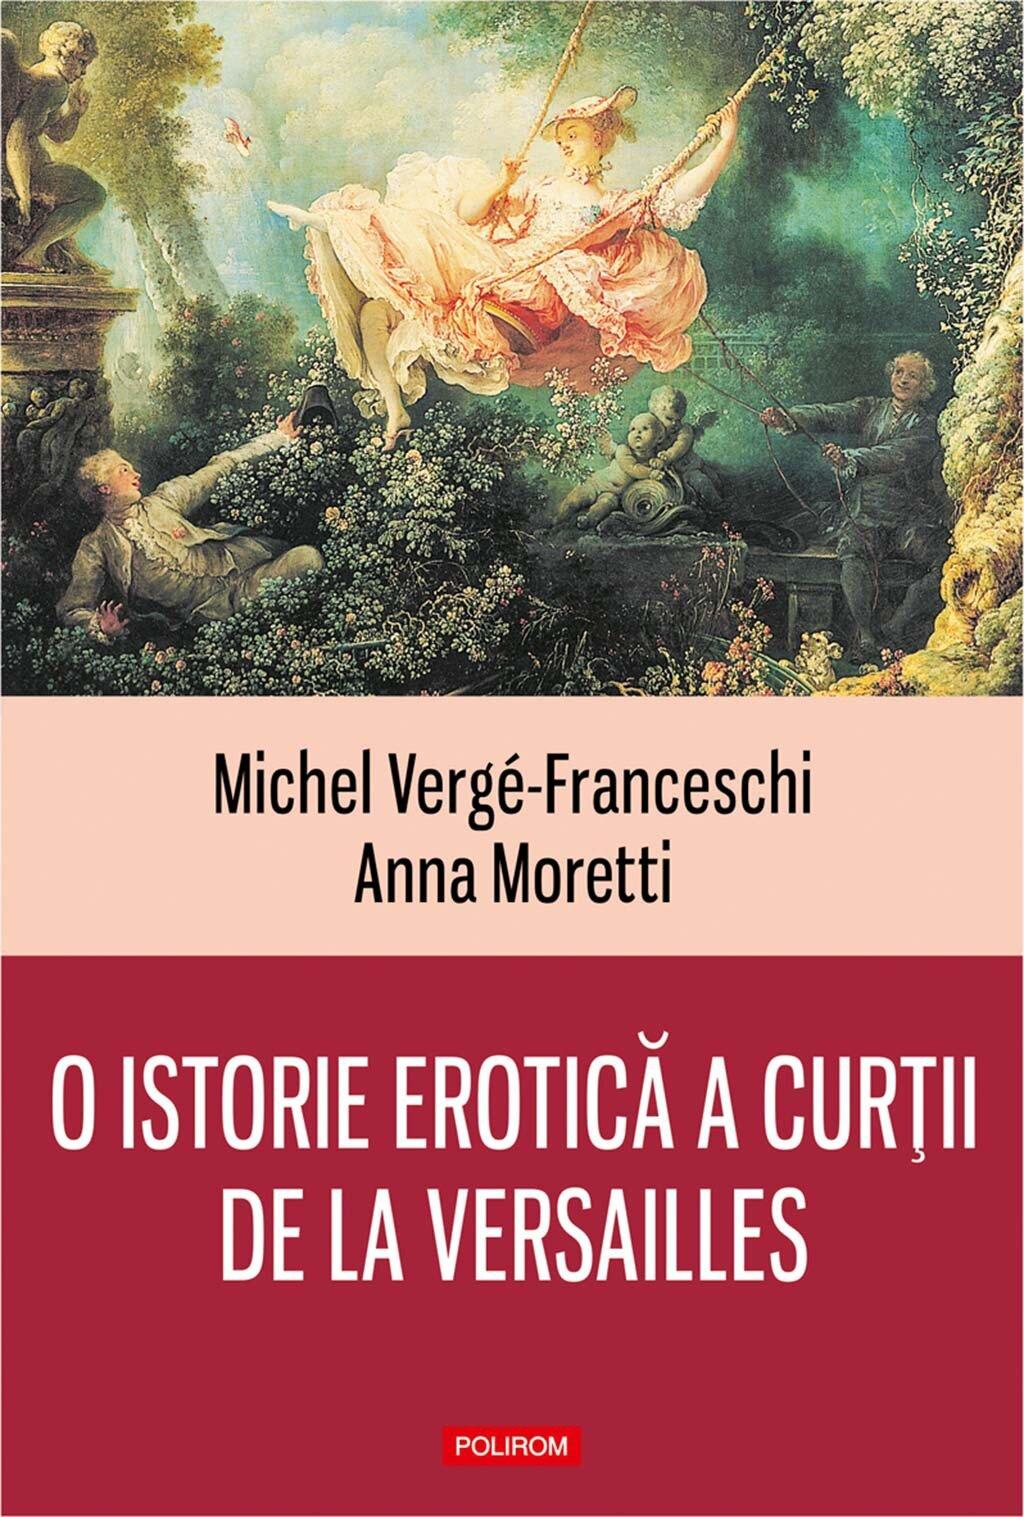 O istorie erotica a curtii de la Versailles (1661-1789) PDF (Download eBook)